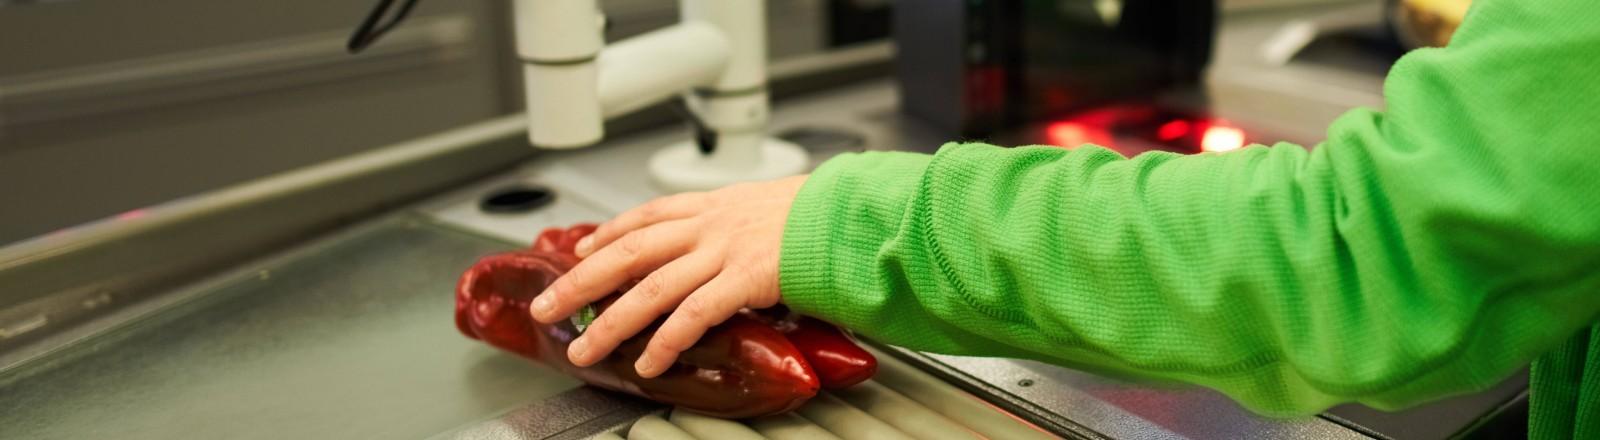 Eine Hand an der Kasse umfasst eine Paprika